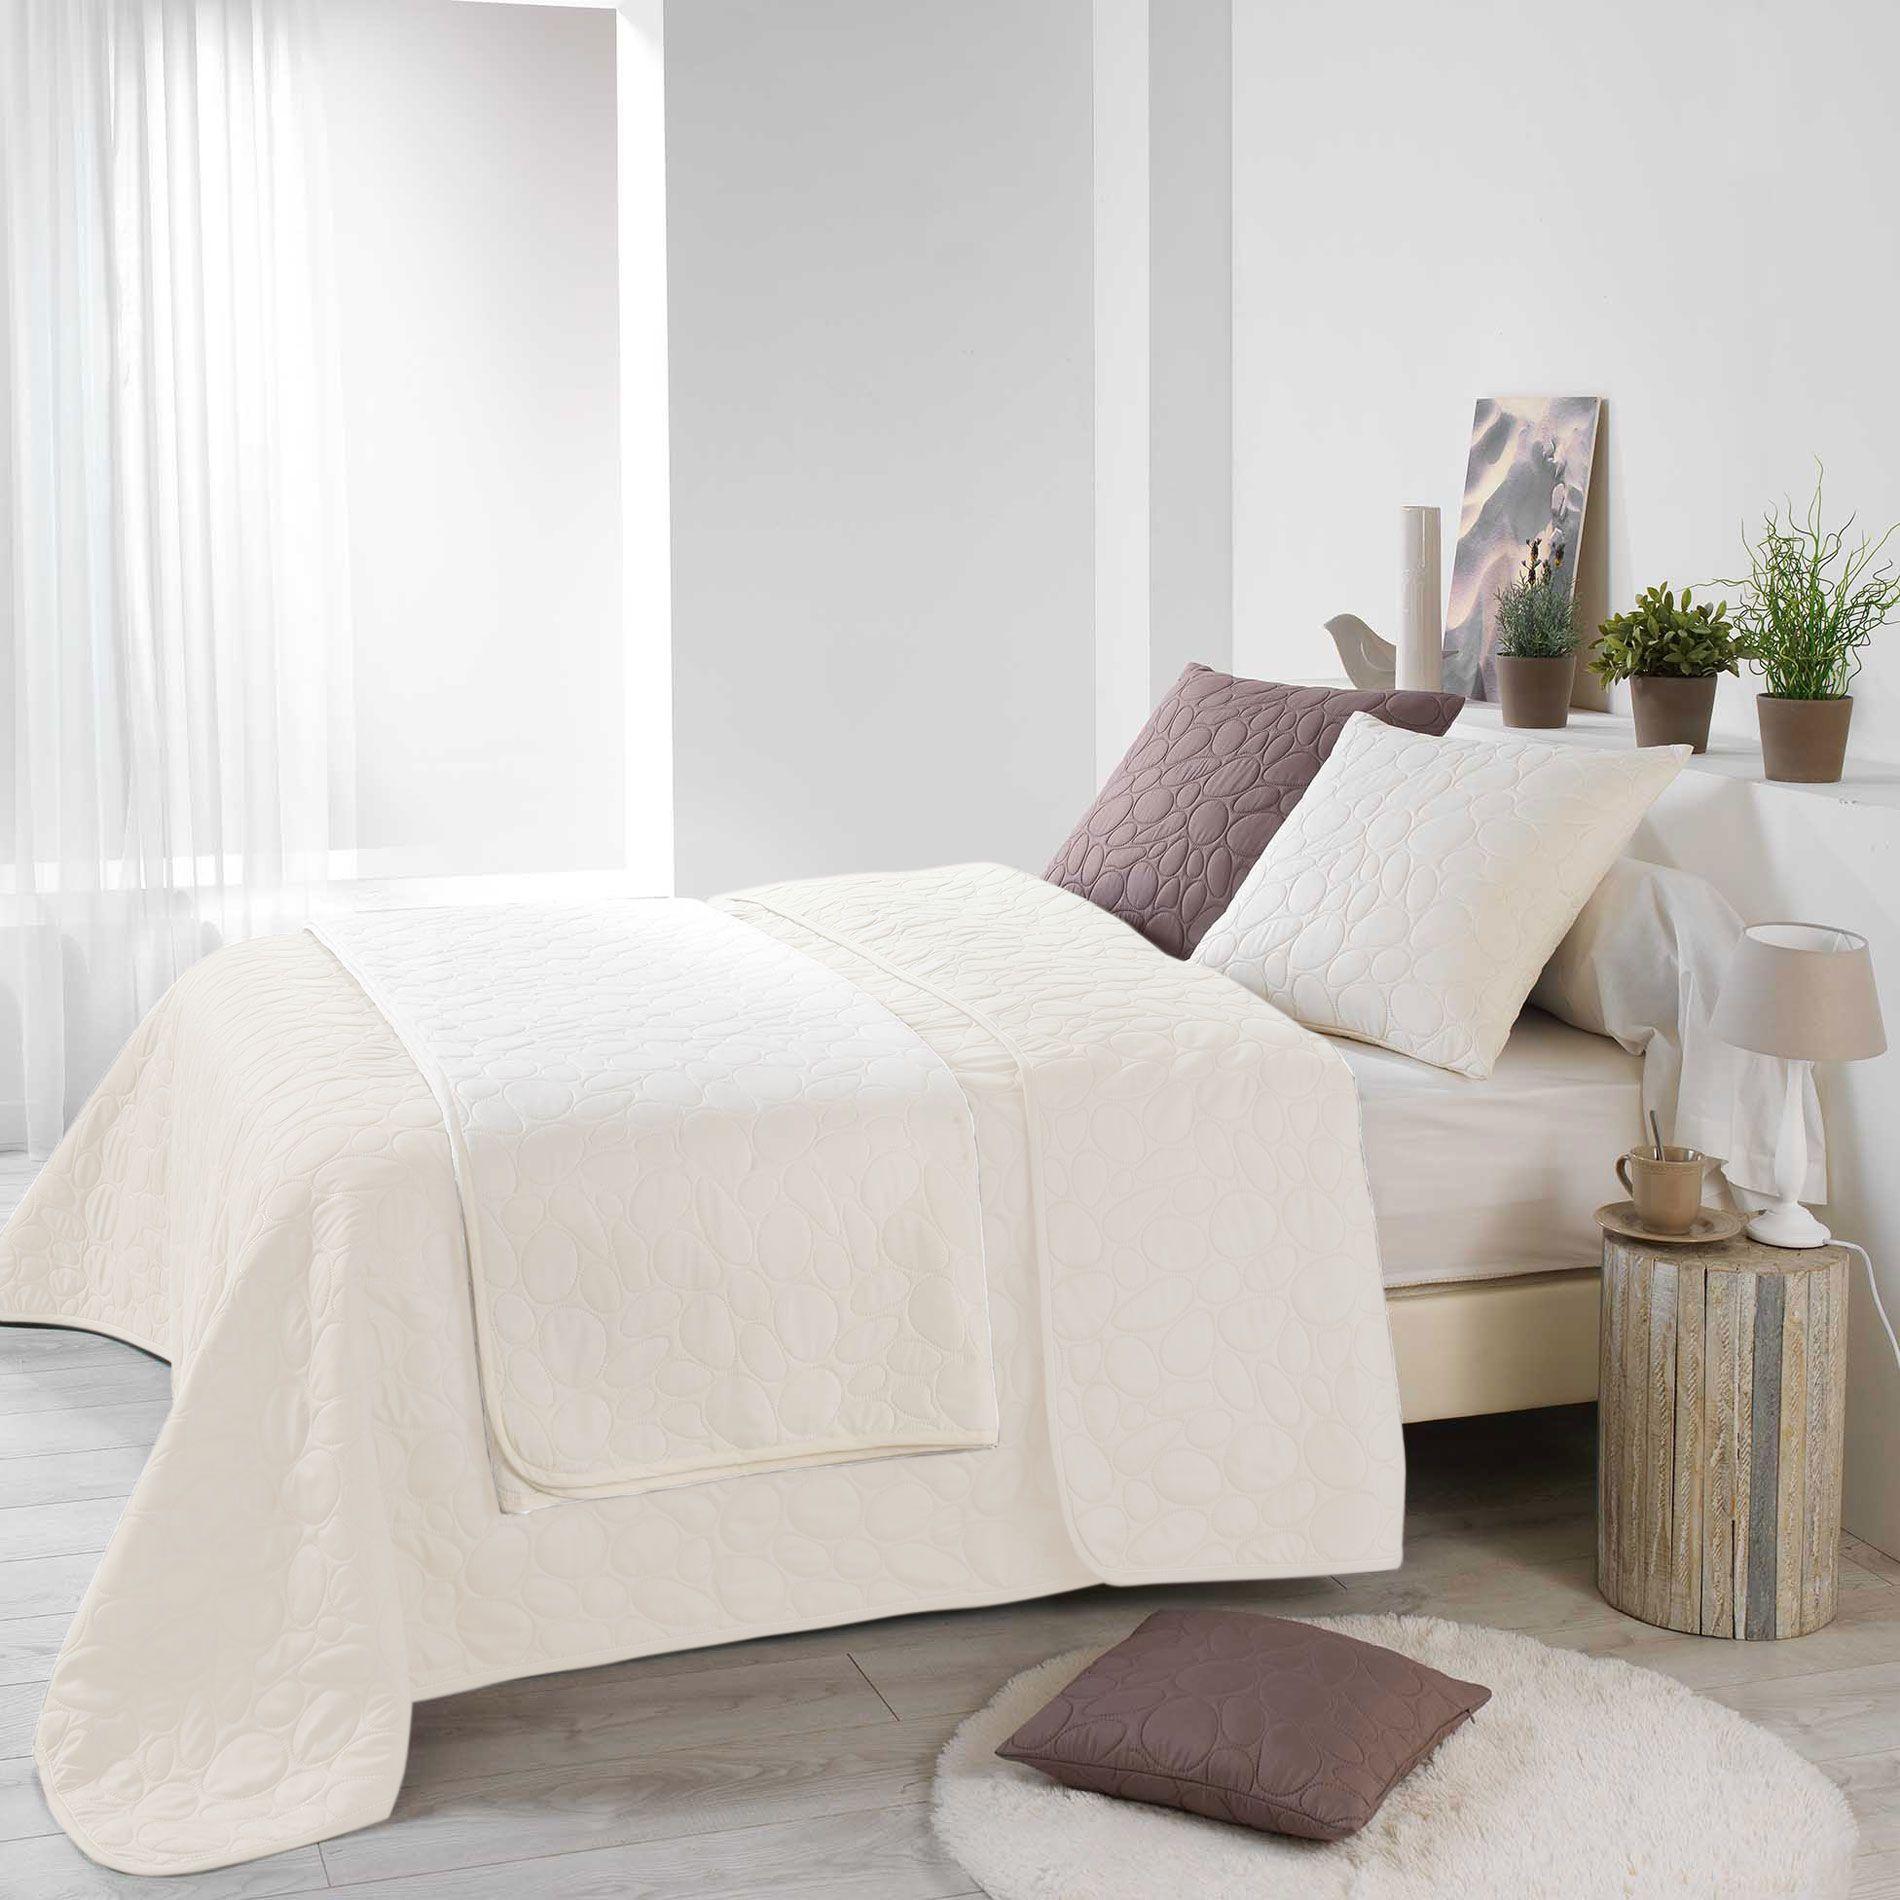 couvre lit 220 x 240 cm dolina naturel couvre lit boutis eminza. Black Bedroom Furniture Sets. Home Design Ideas